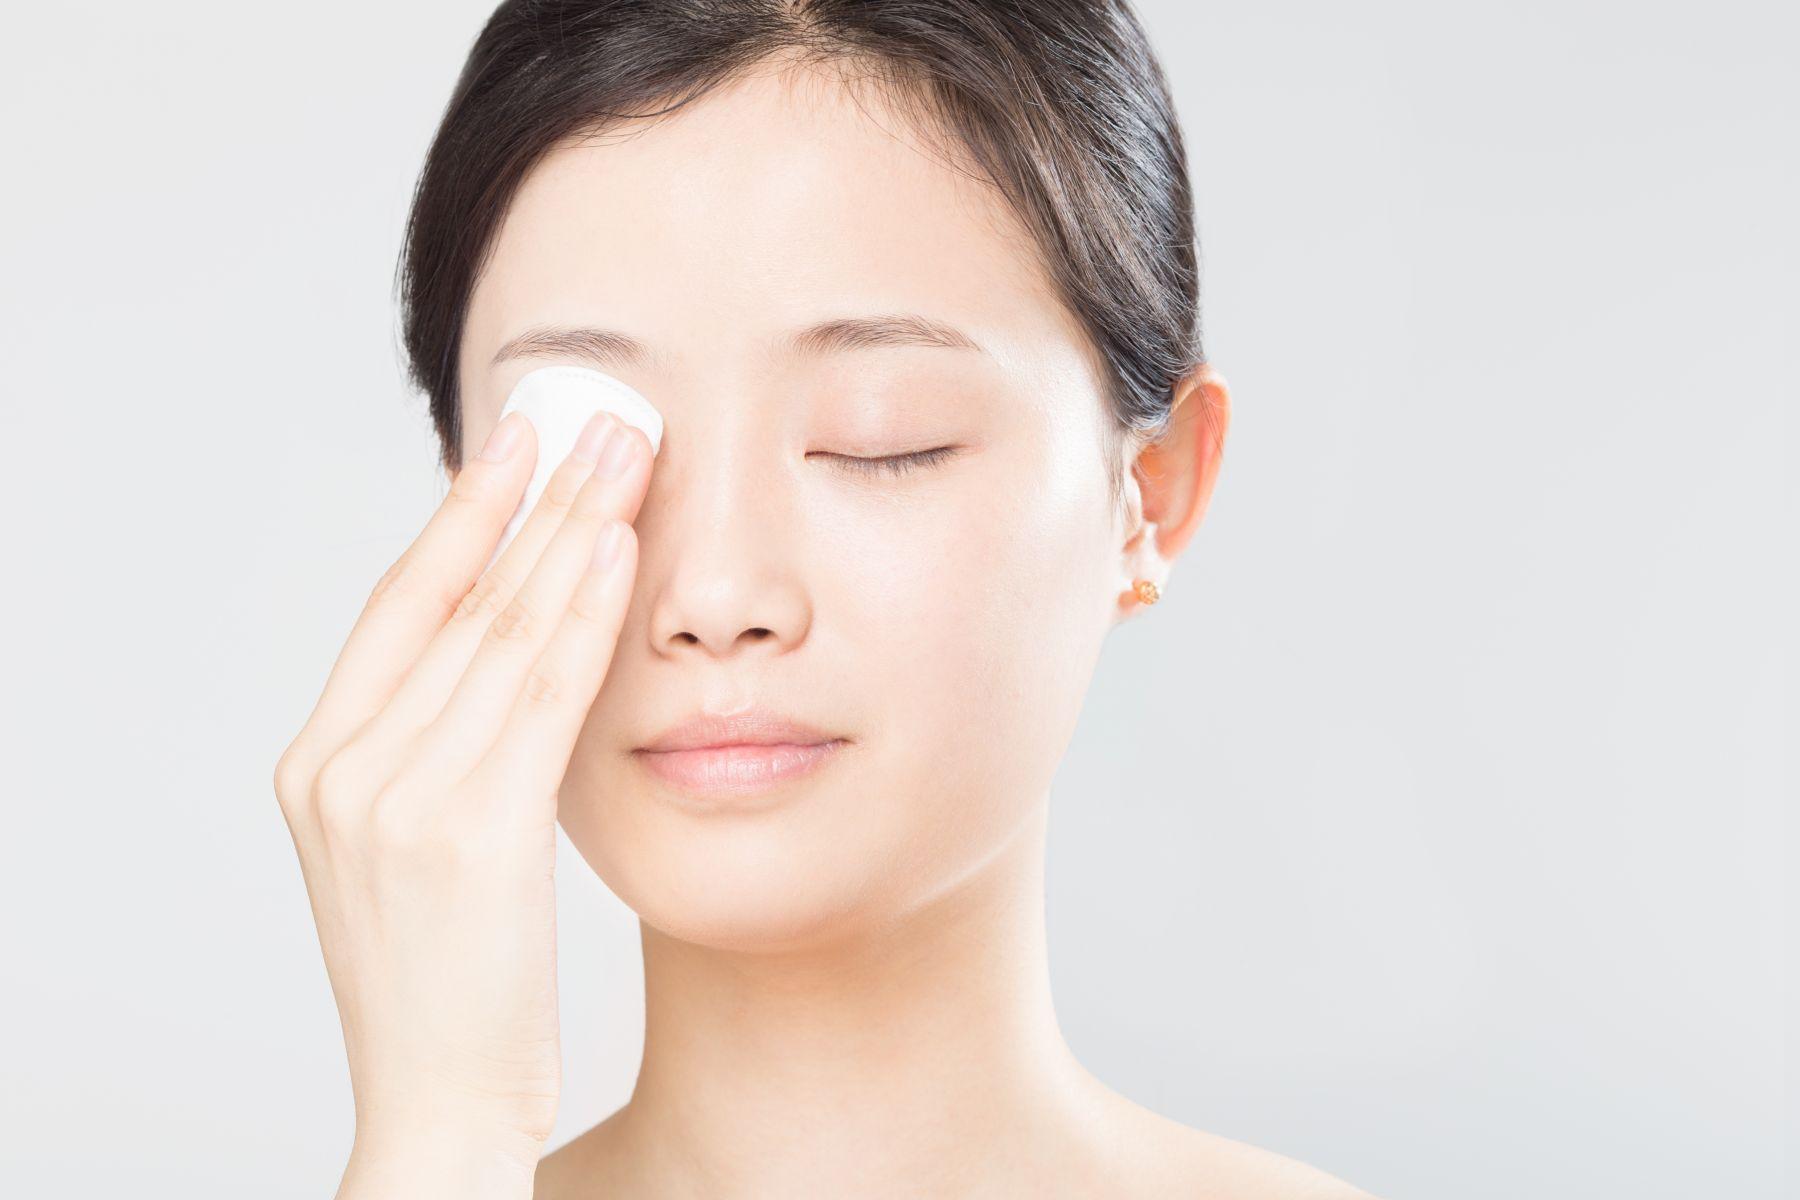 防曬乳、素顏霜、BB霜,哪些保養品要卸妝?哪些不用卸妝?